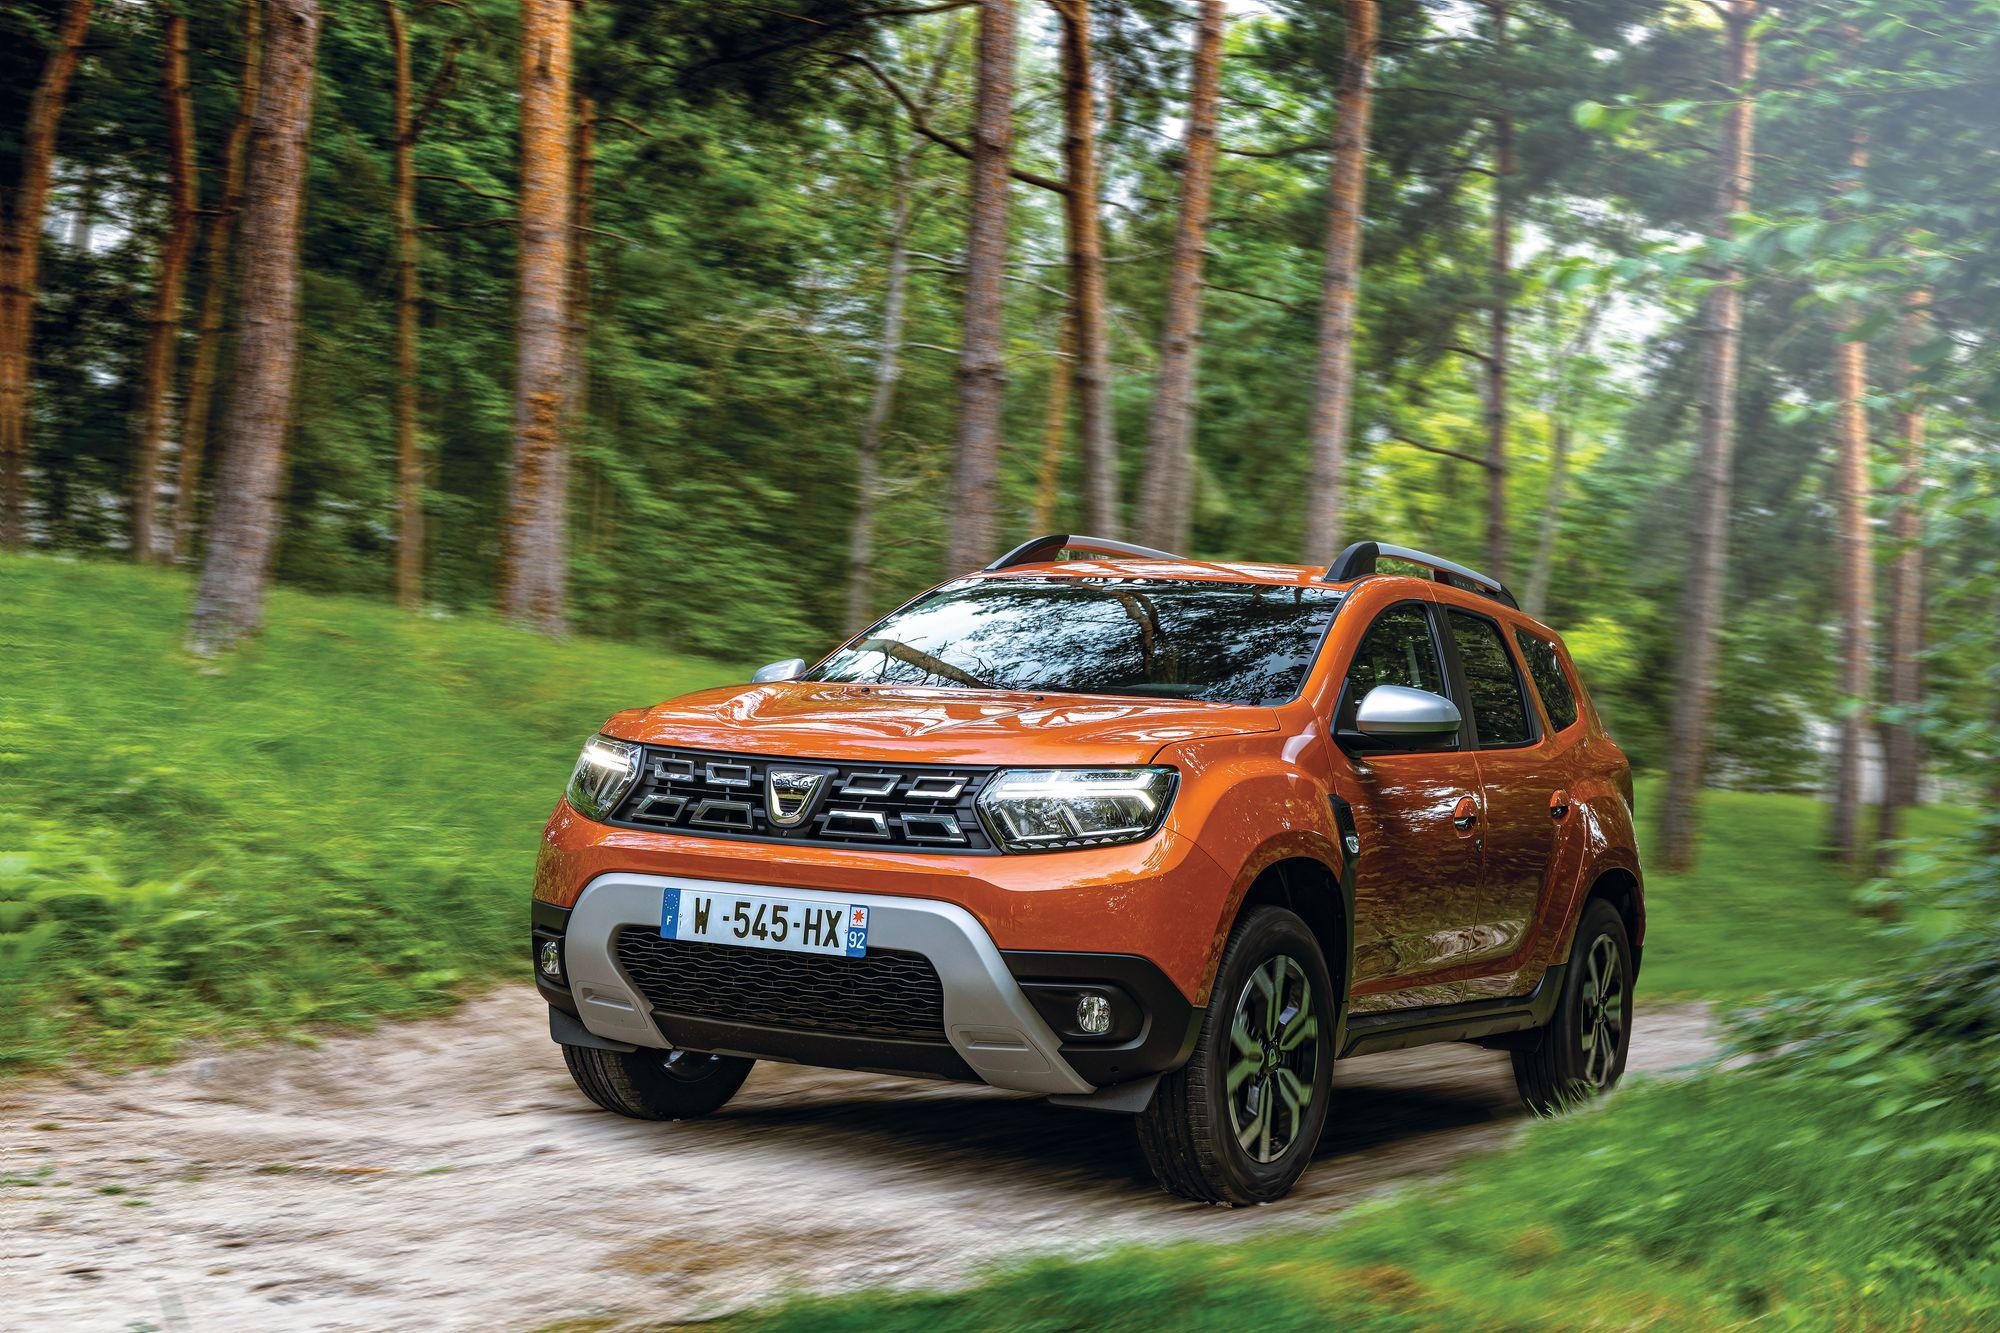 2021 - New Dacia Duster 4X2 - Arizona Orange tests drive (5)